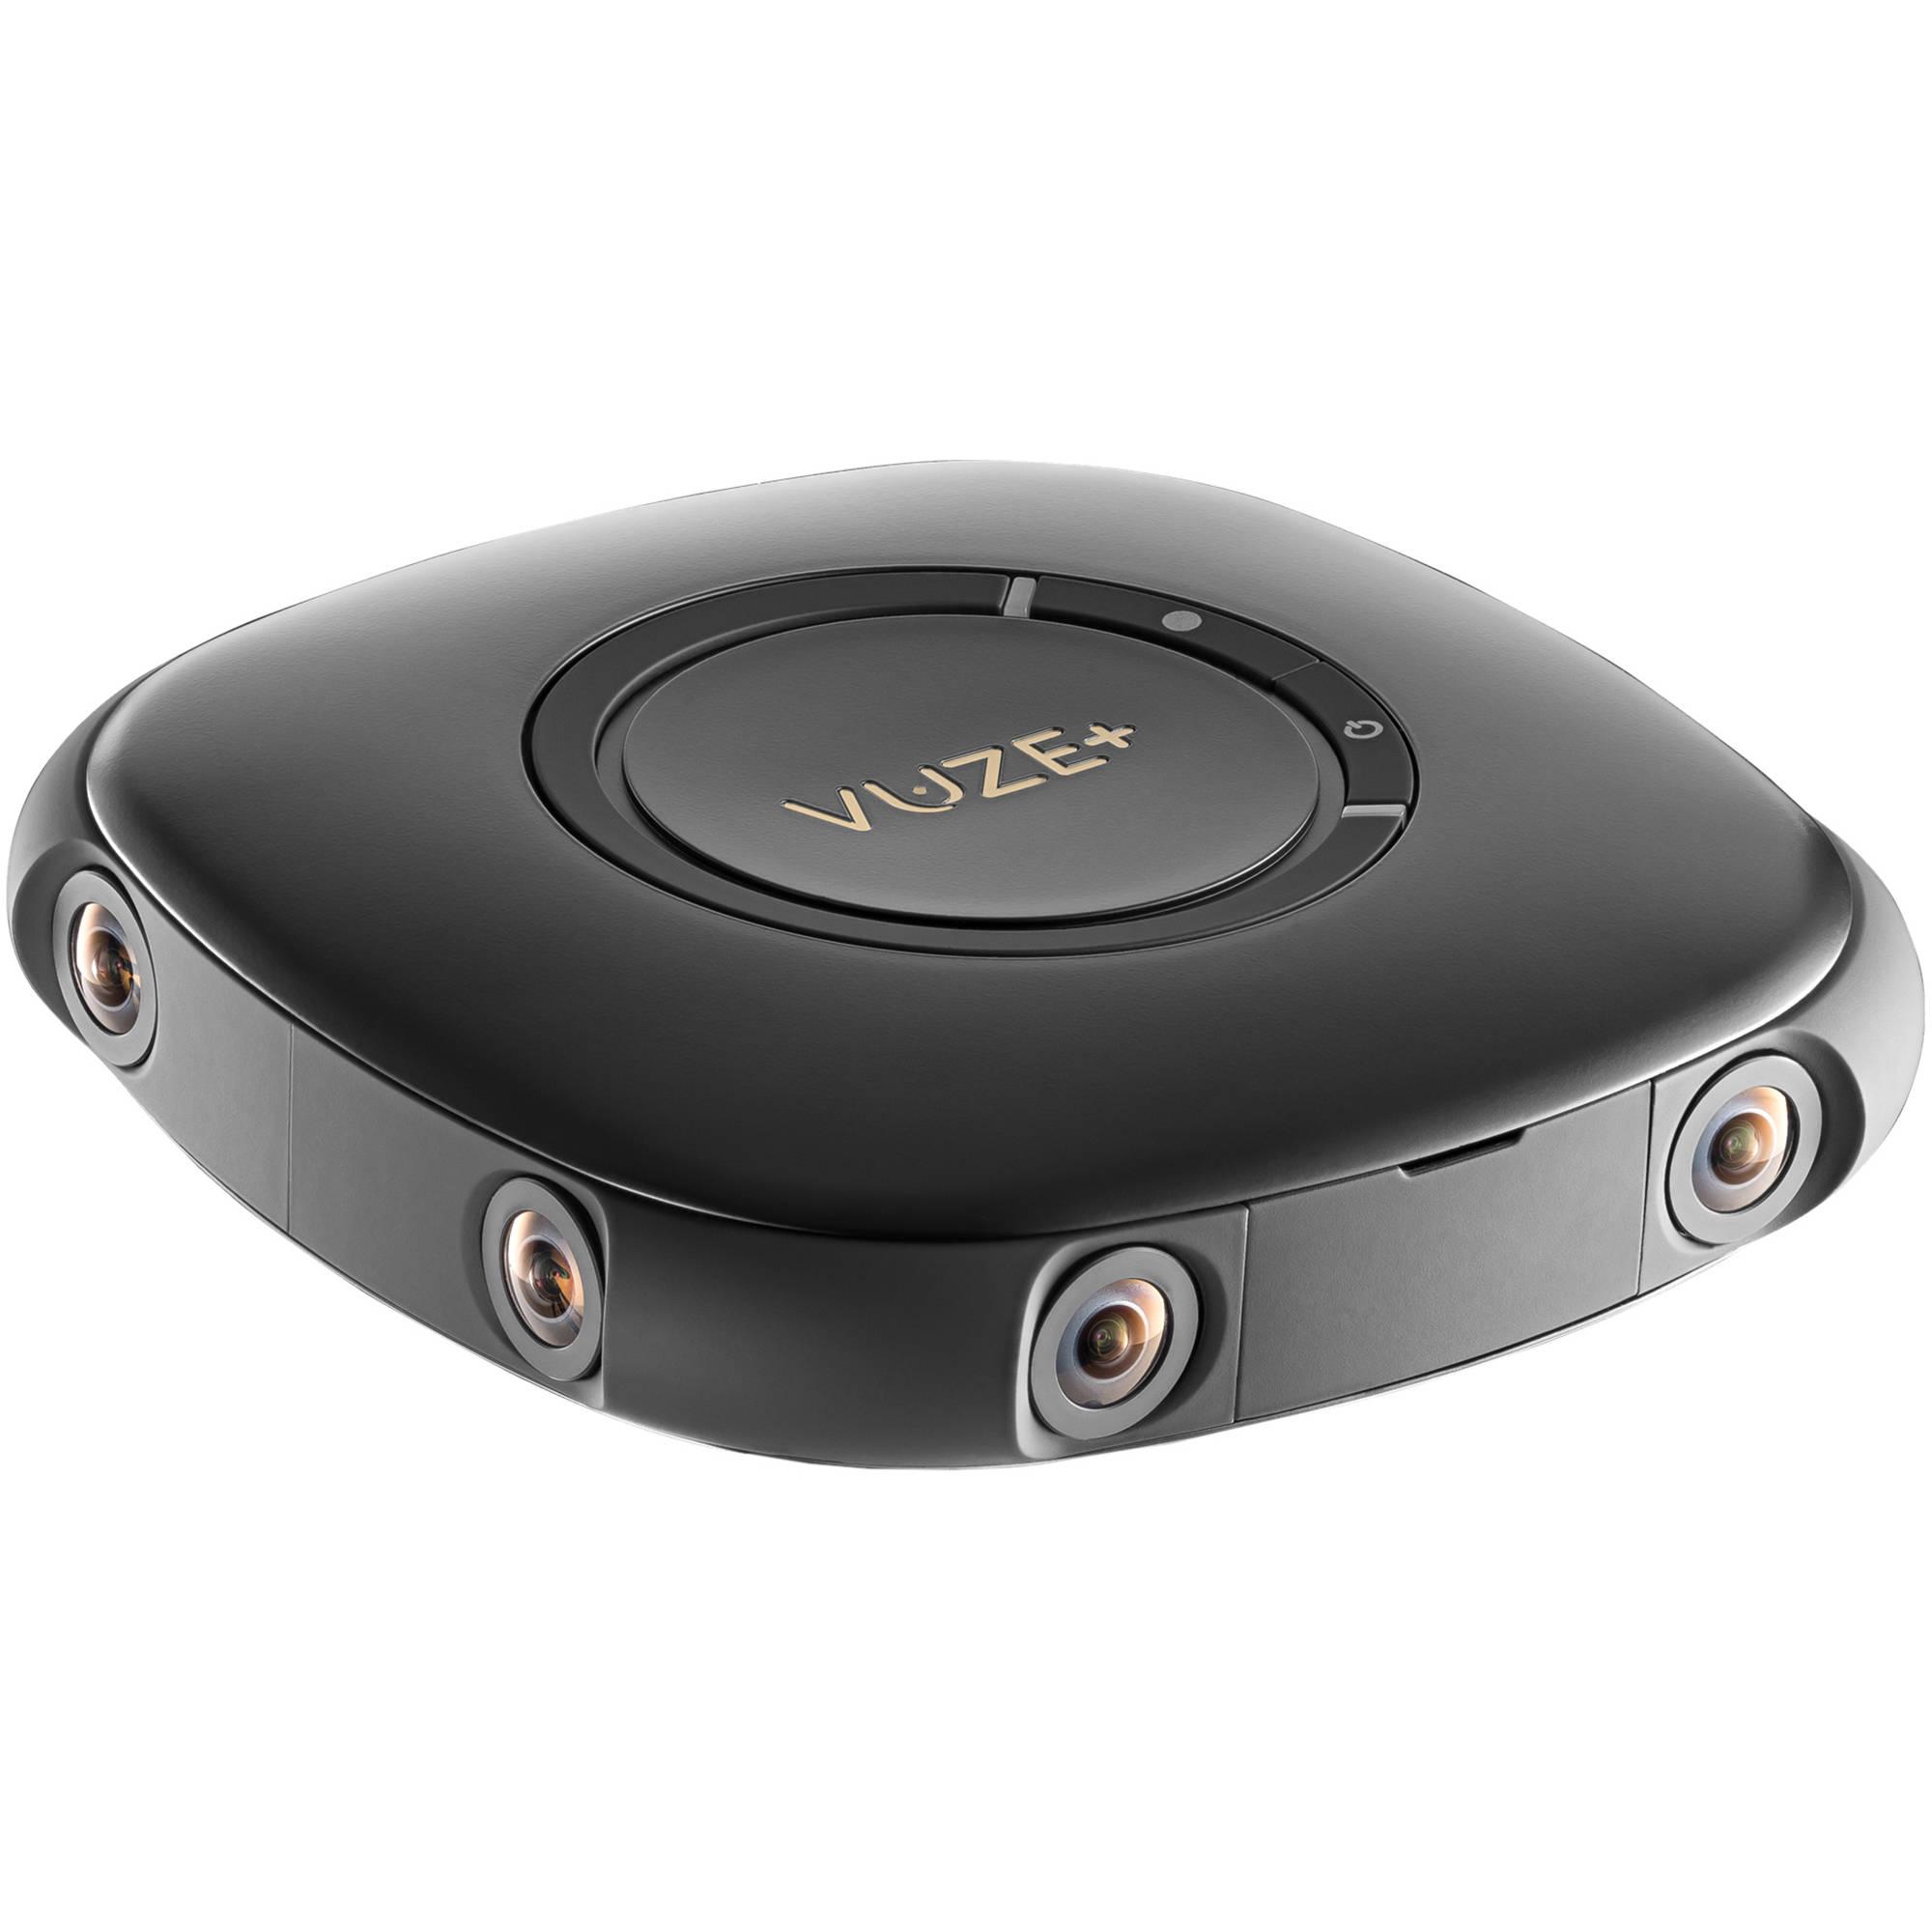 Vuze Vuze  4K 3D 360 Spherical VR Camera VUZE  B